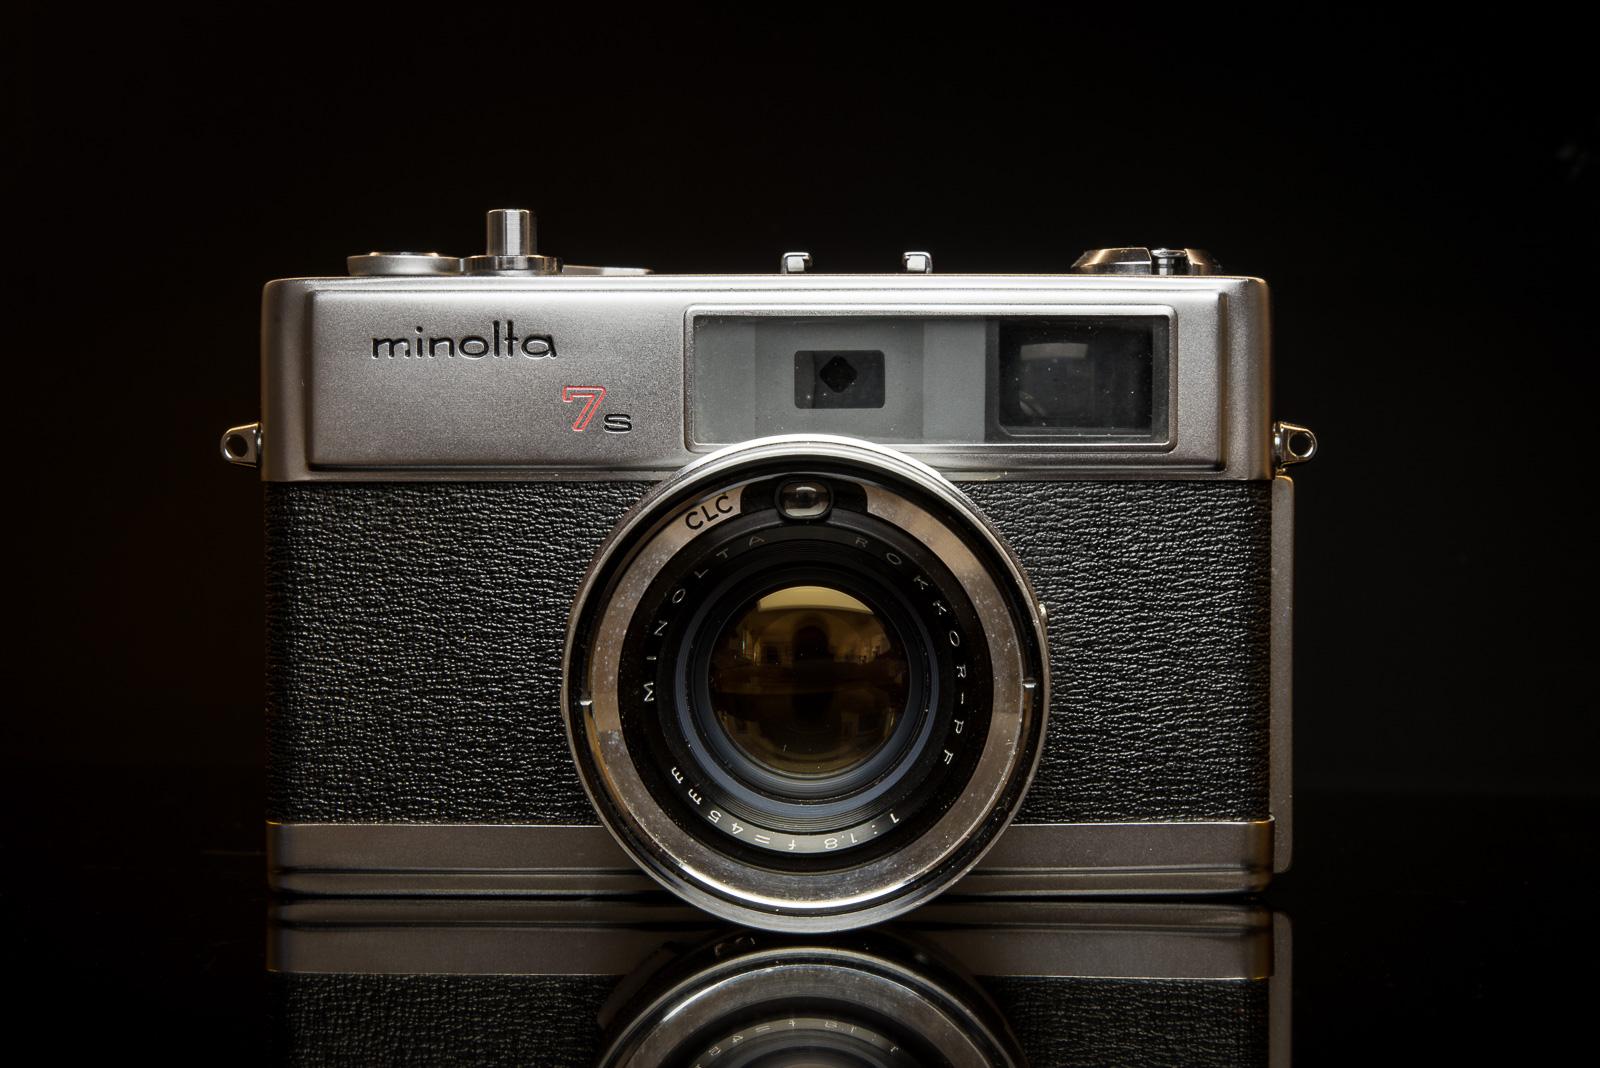 DSC_6975-cameras_sml-2.jpg